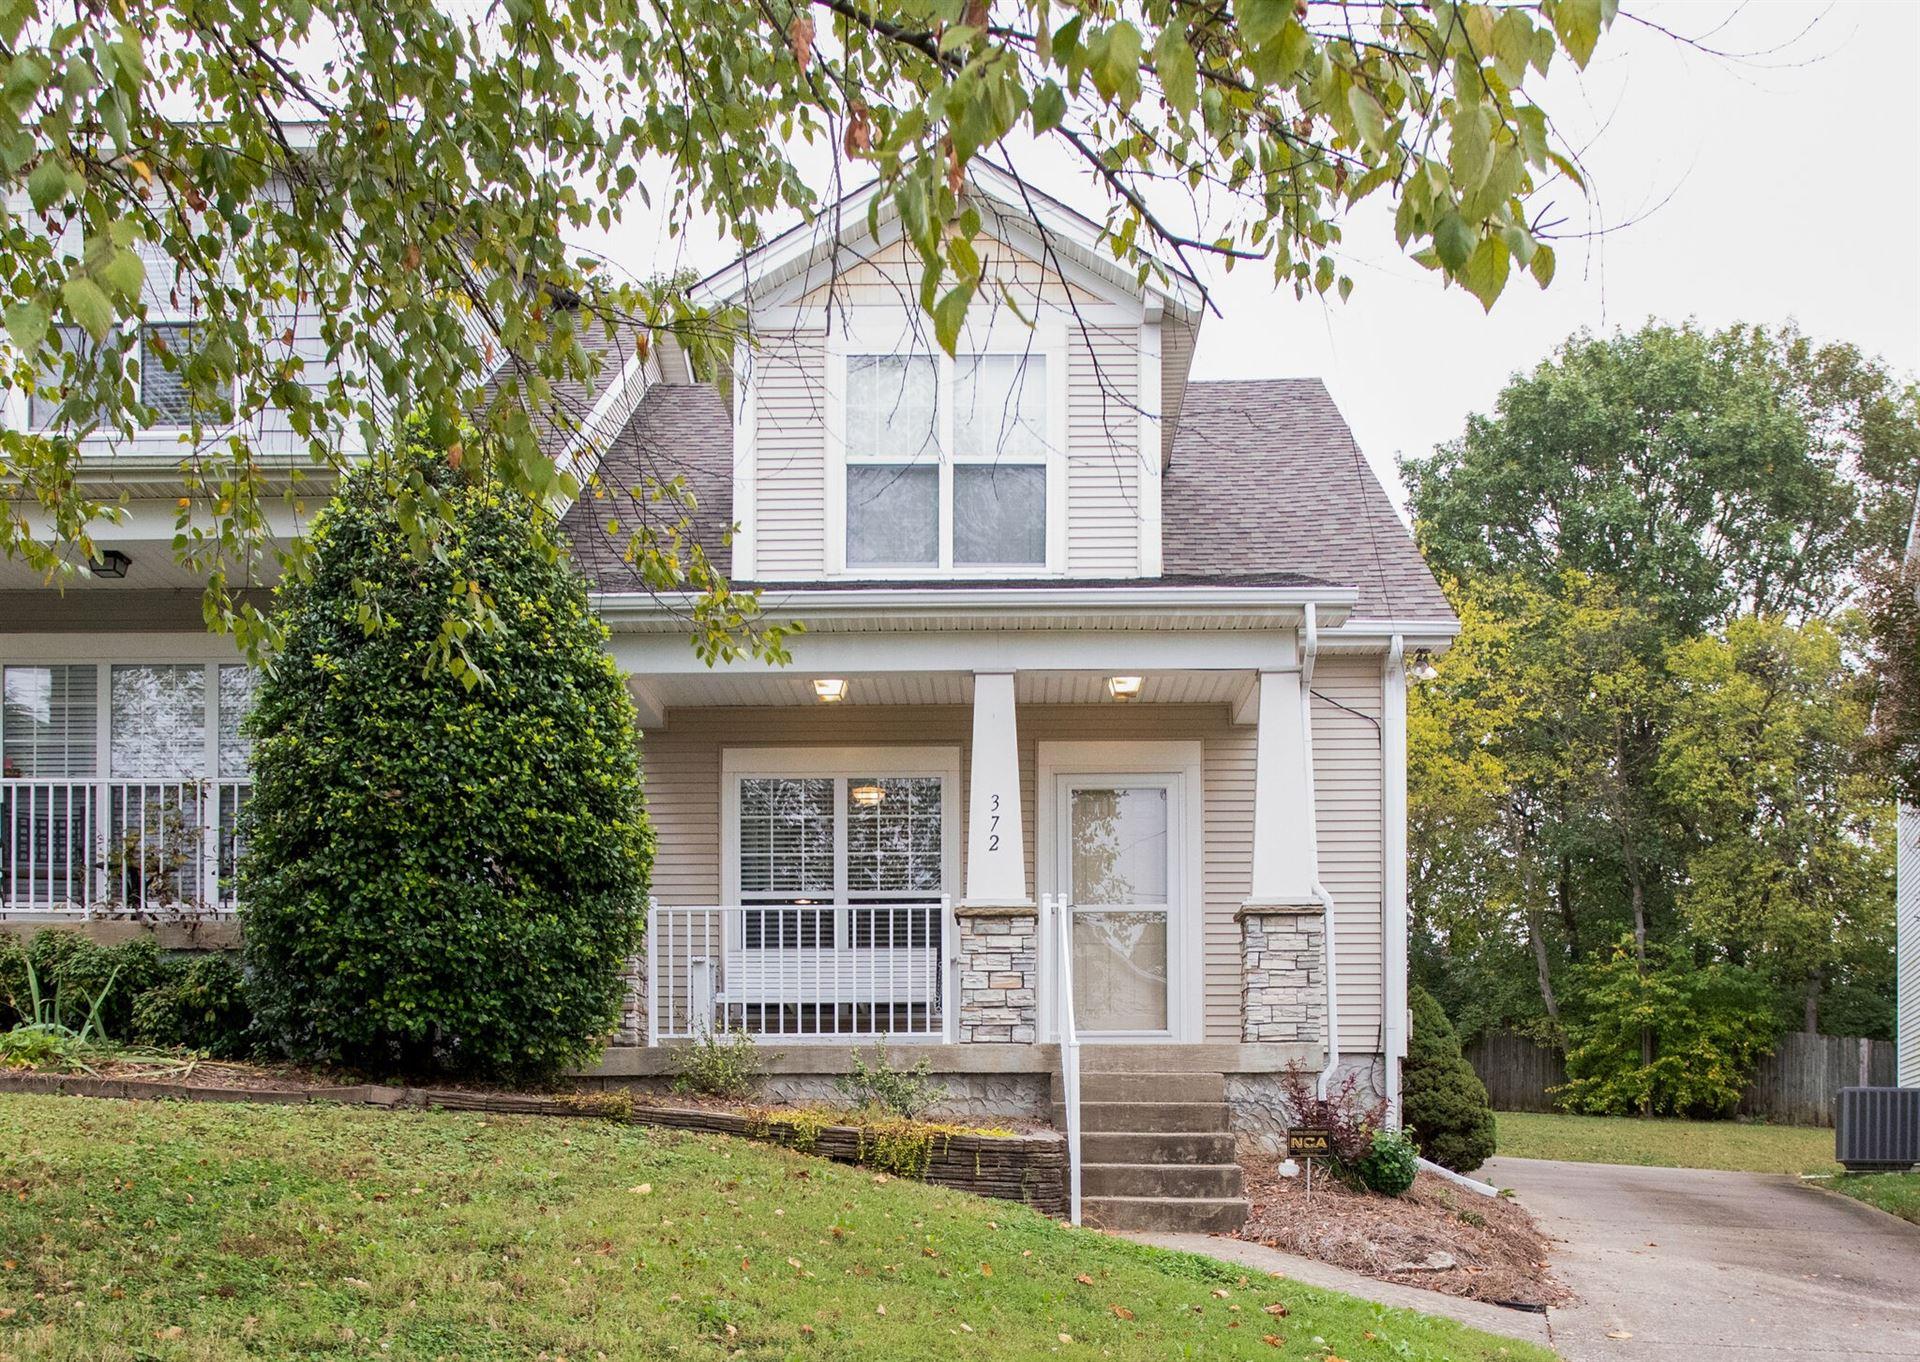 372 Normandy Cir, Nashville, TN 37209 - MLS#: 2202415